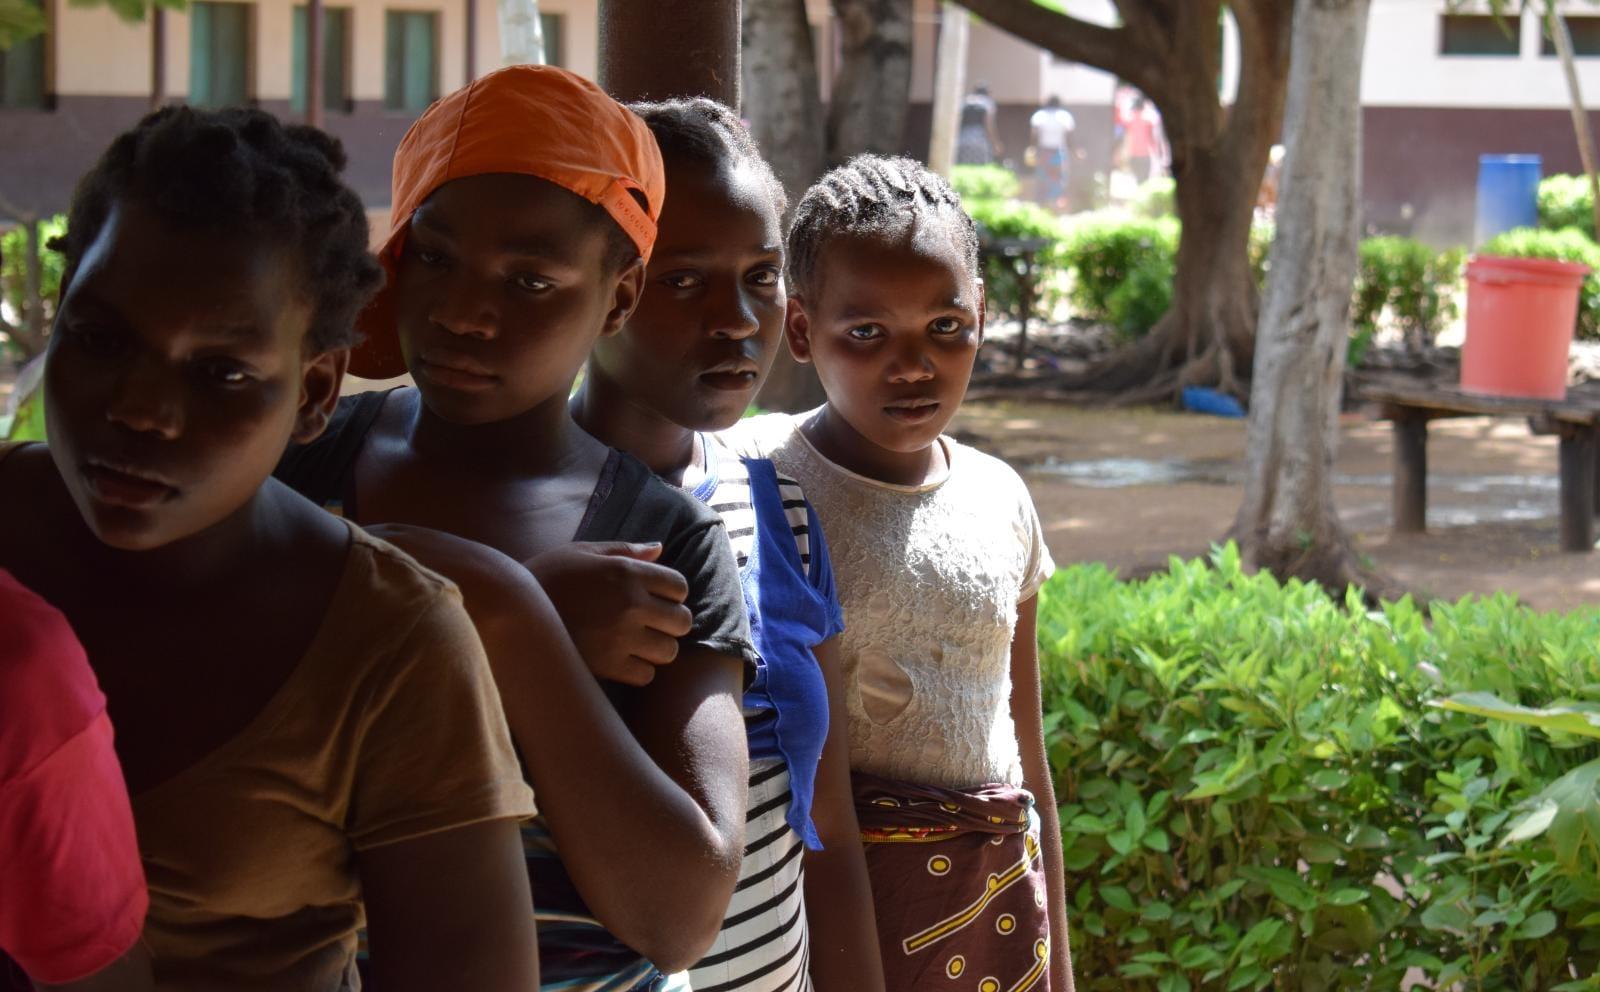 La COVID-19 y el Plan Global de Respuesta Humanitaria de la ONU ante la pandemia